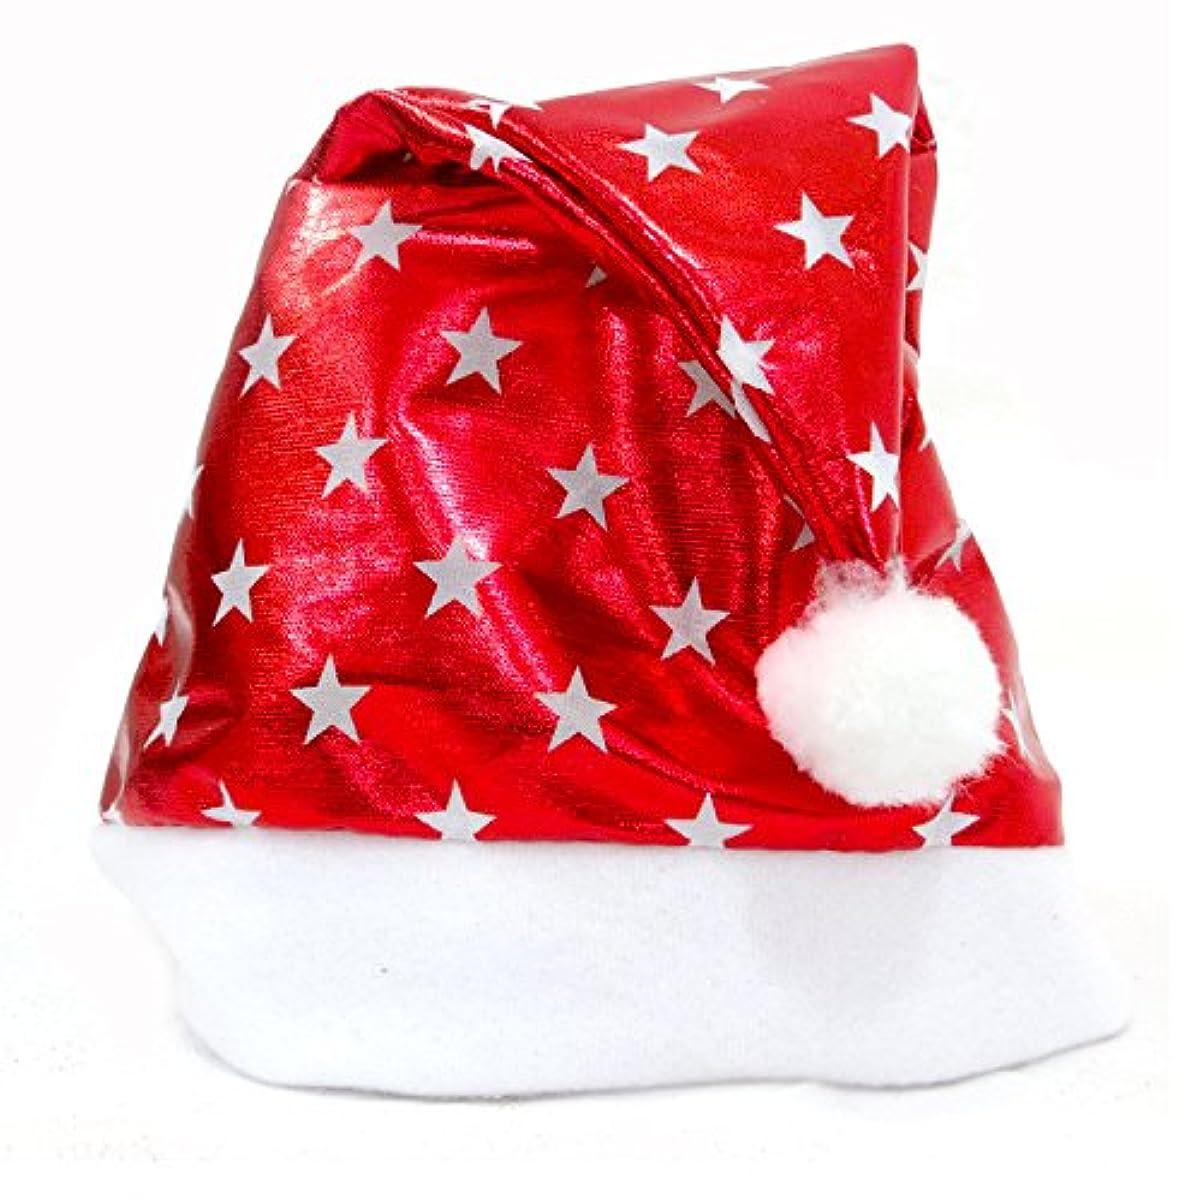 腐敗した医師試用Racazing クリスマスハット レッド Hat ライト ドームキャップ 防寒対策 通気性のある 防風 ニット帽 暖かい 軽量 屋外 スキー 自転車 クリスマス 男女兼用 Christmas Cap